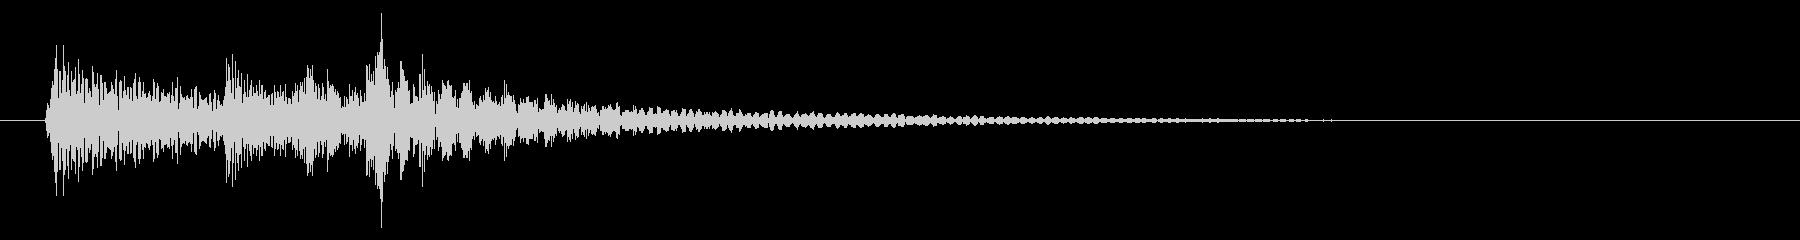 民族系/打楽器/ゲームクリアの未再生の波形